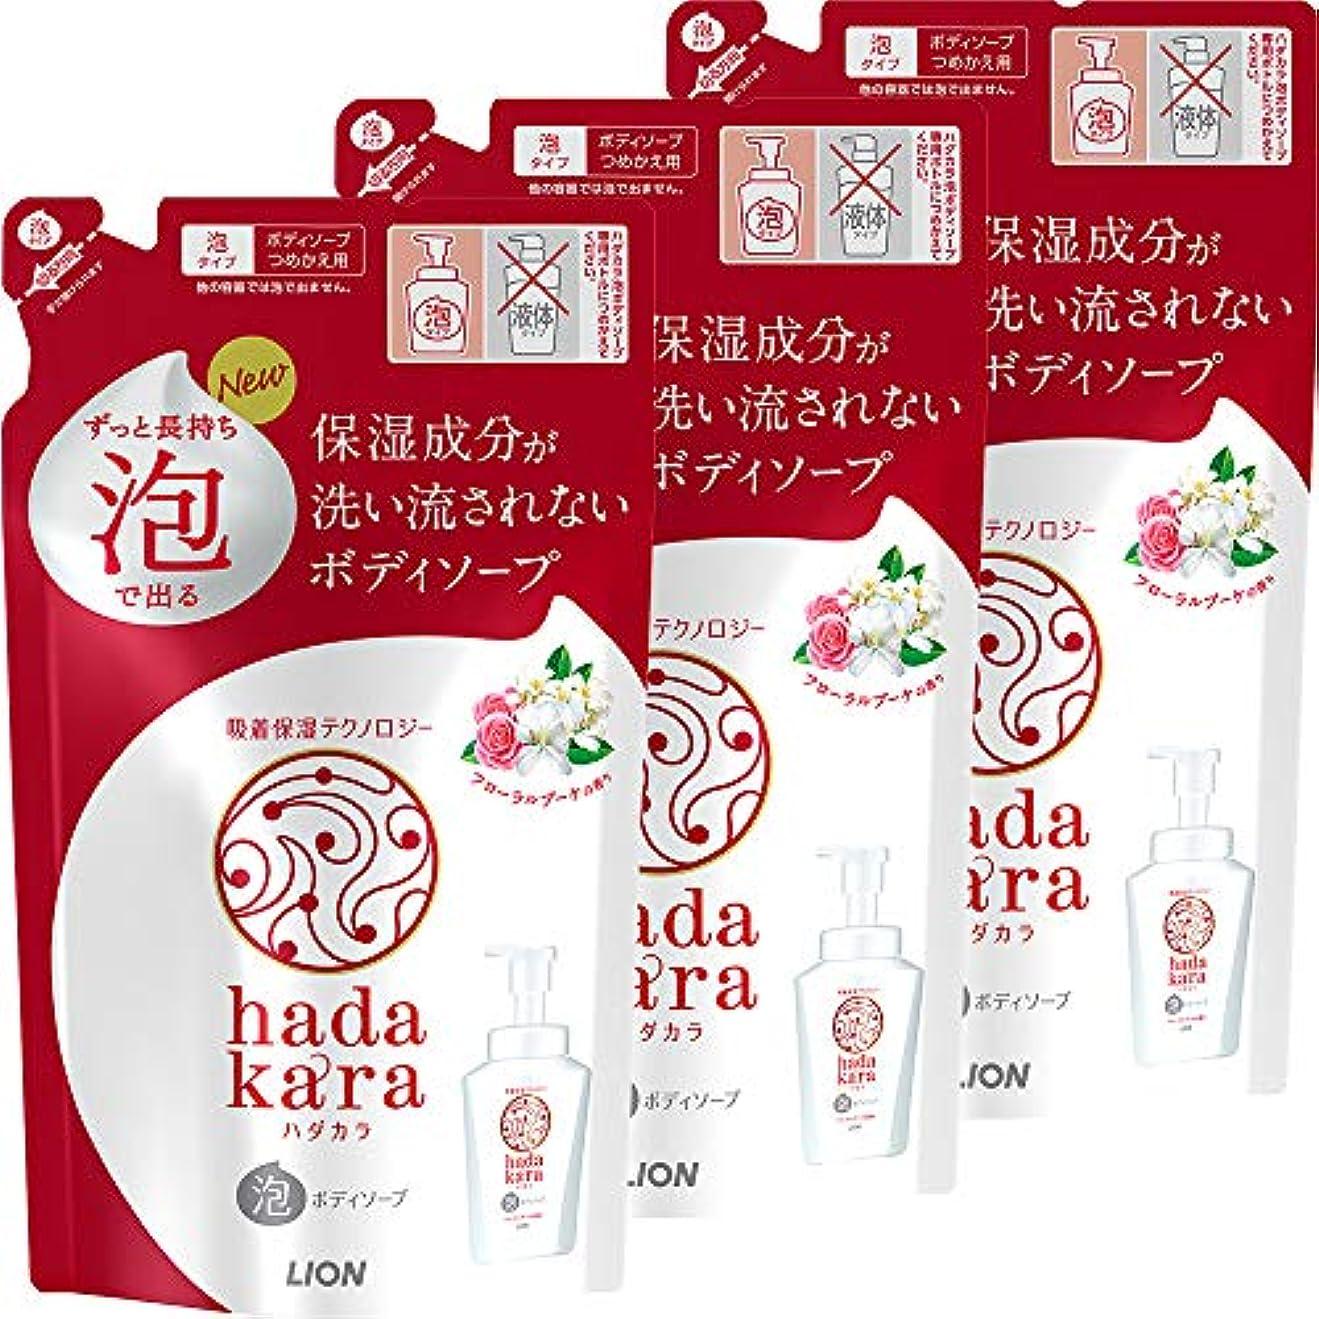 写真撮影終了する酸化物hadakara(ハダカラ) ボディソープ 泡タイプ フローラルブーケの香り 詰替440ml×3個